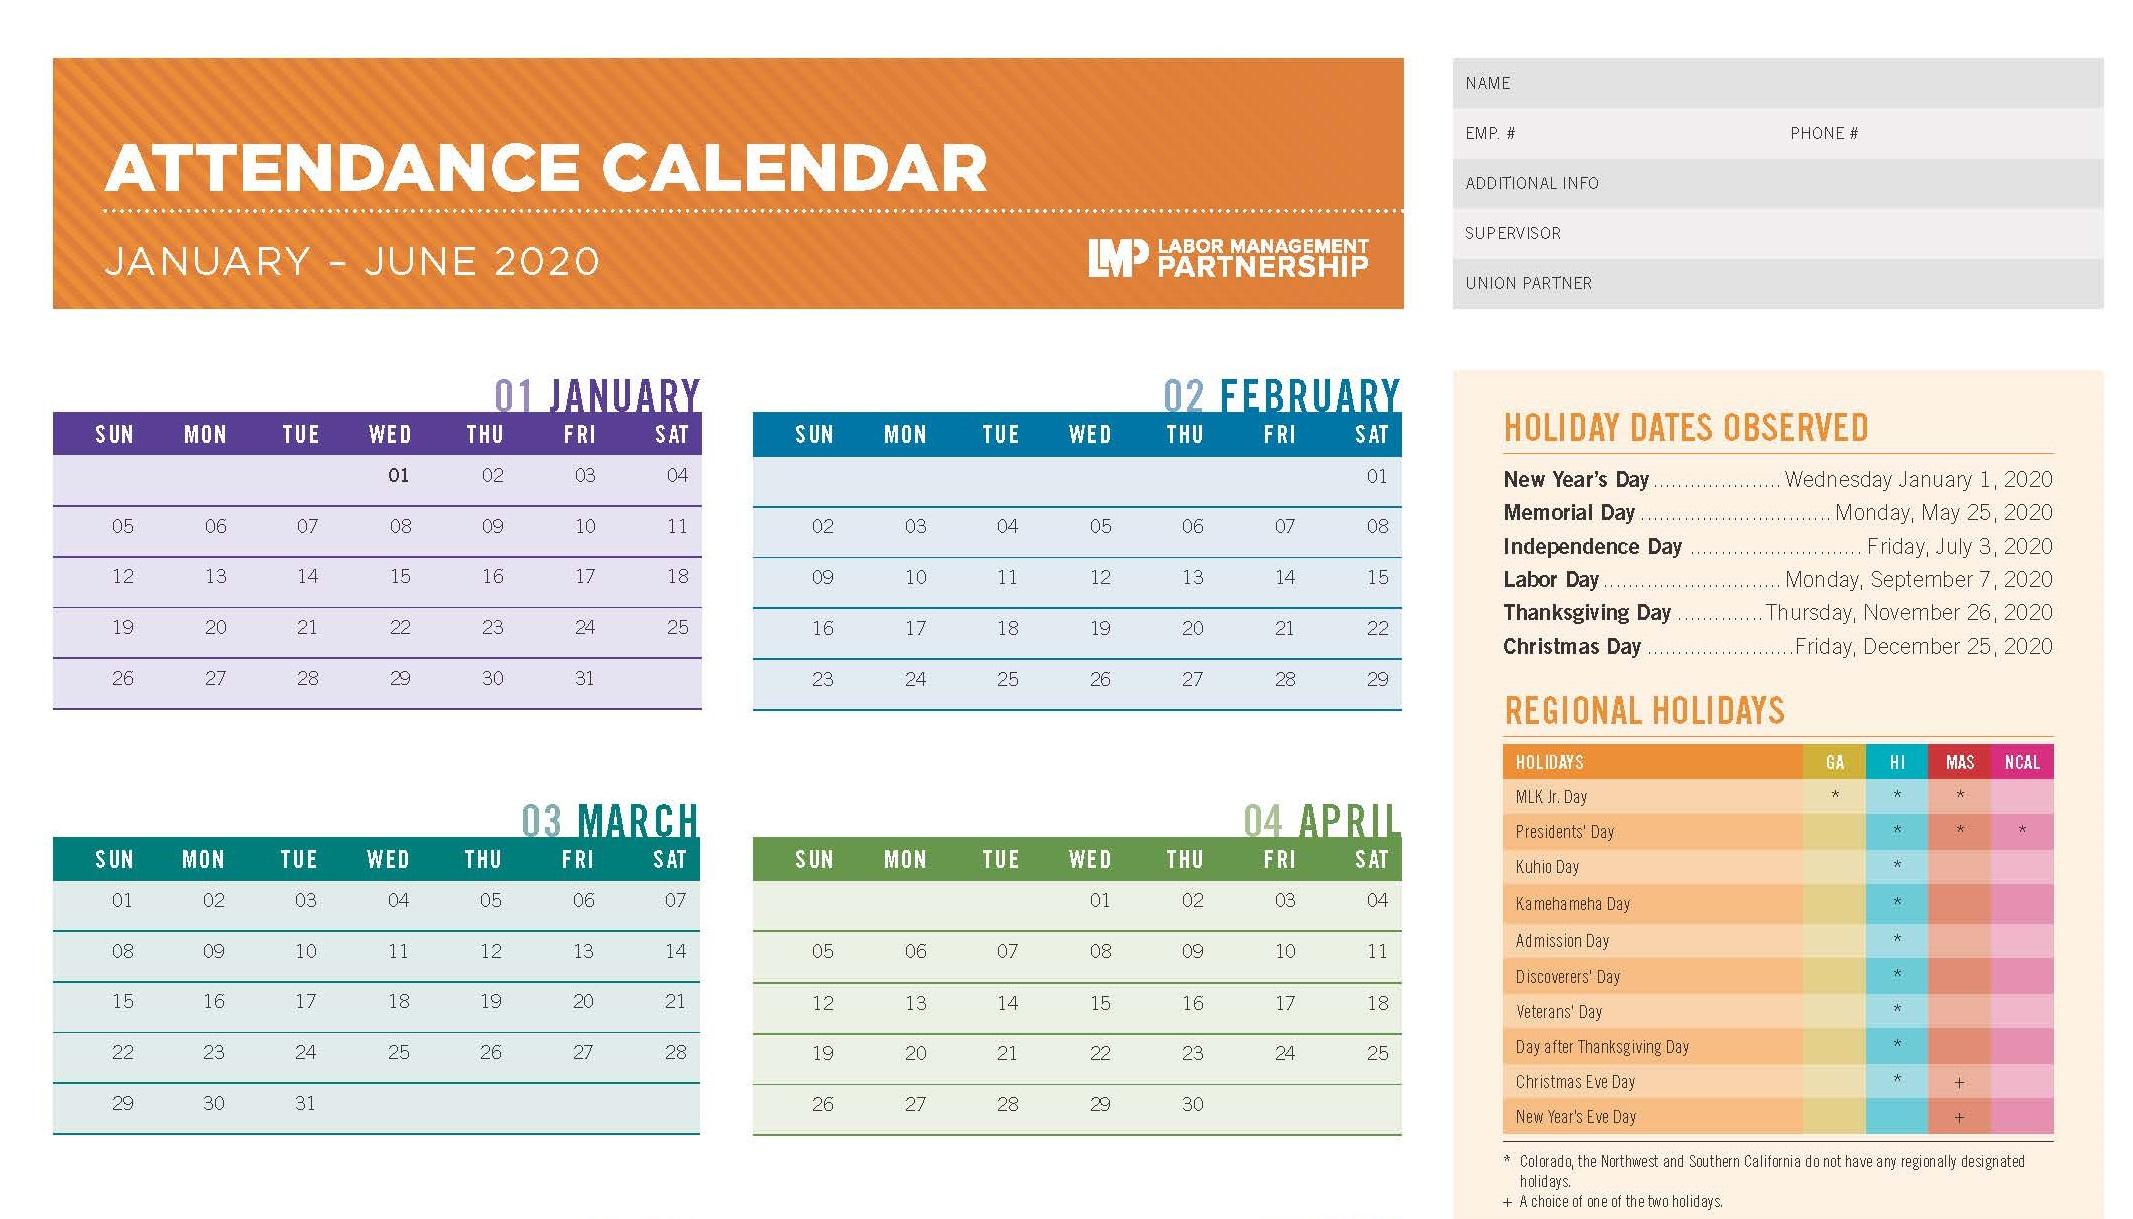 2020 Attendance Calendar | Labor Management Partnership